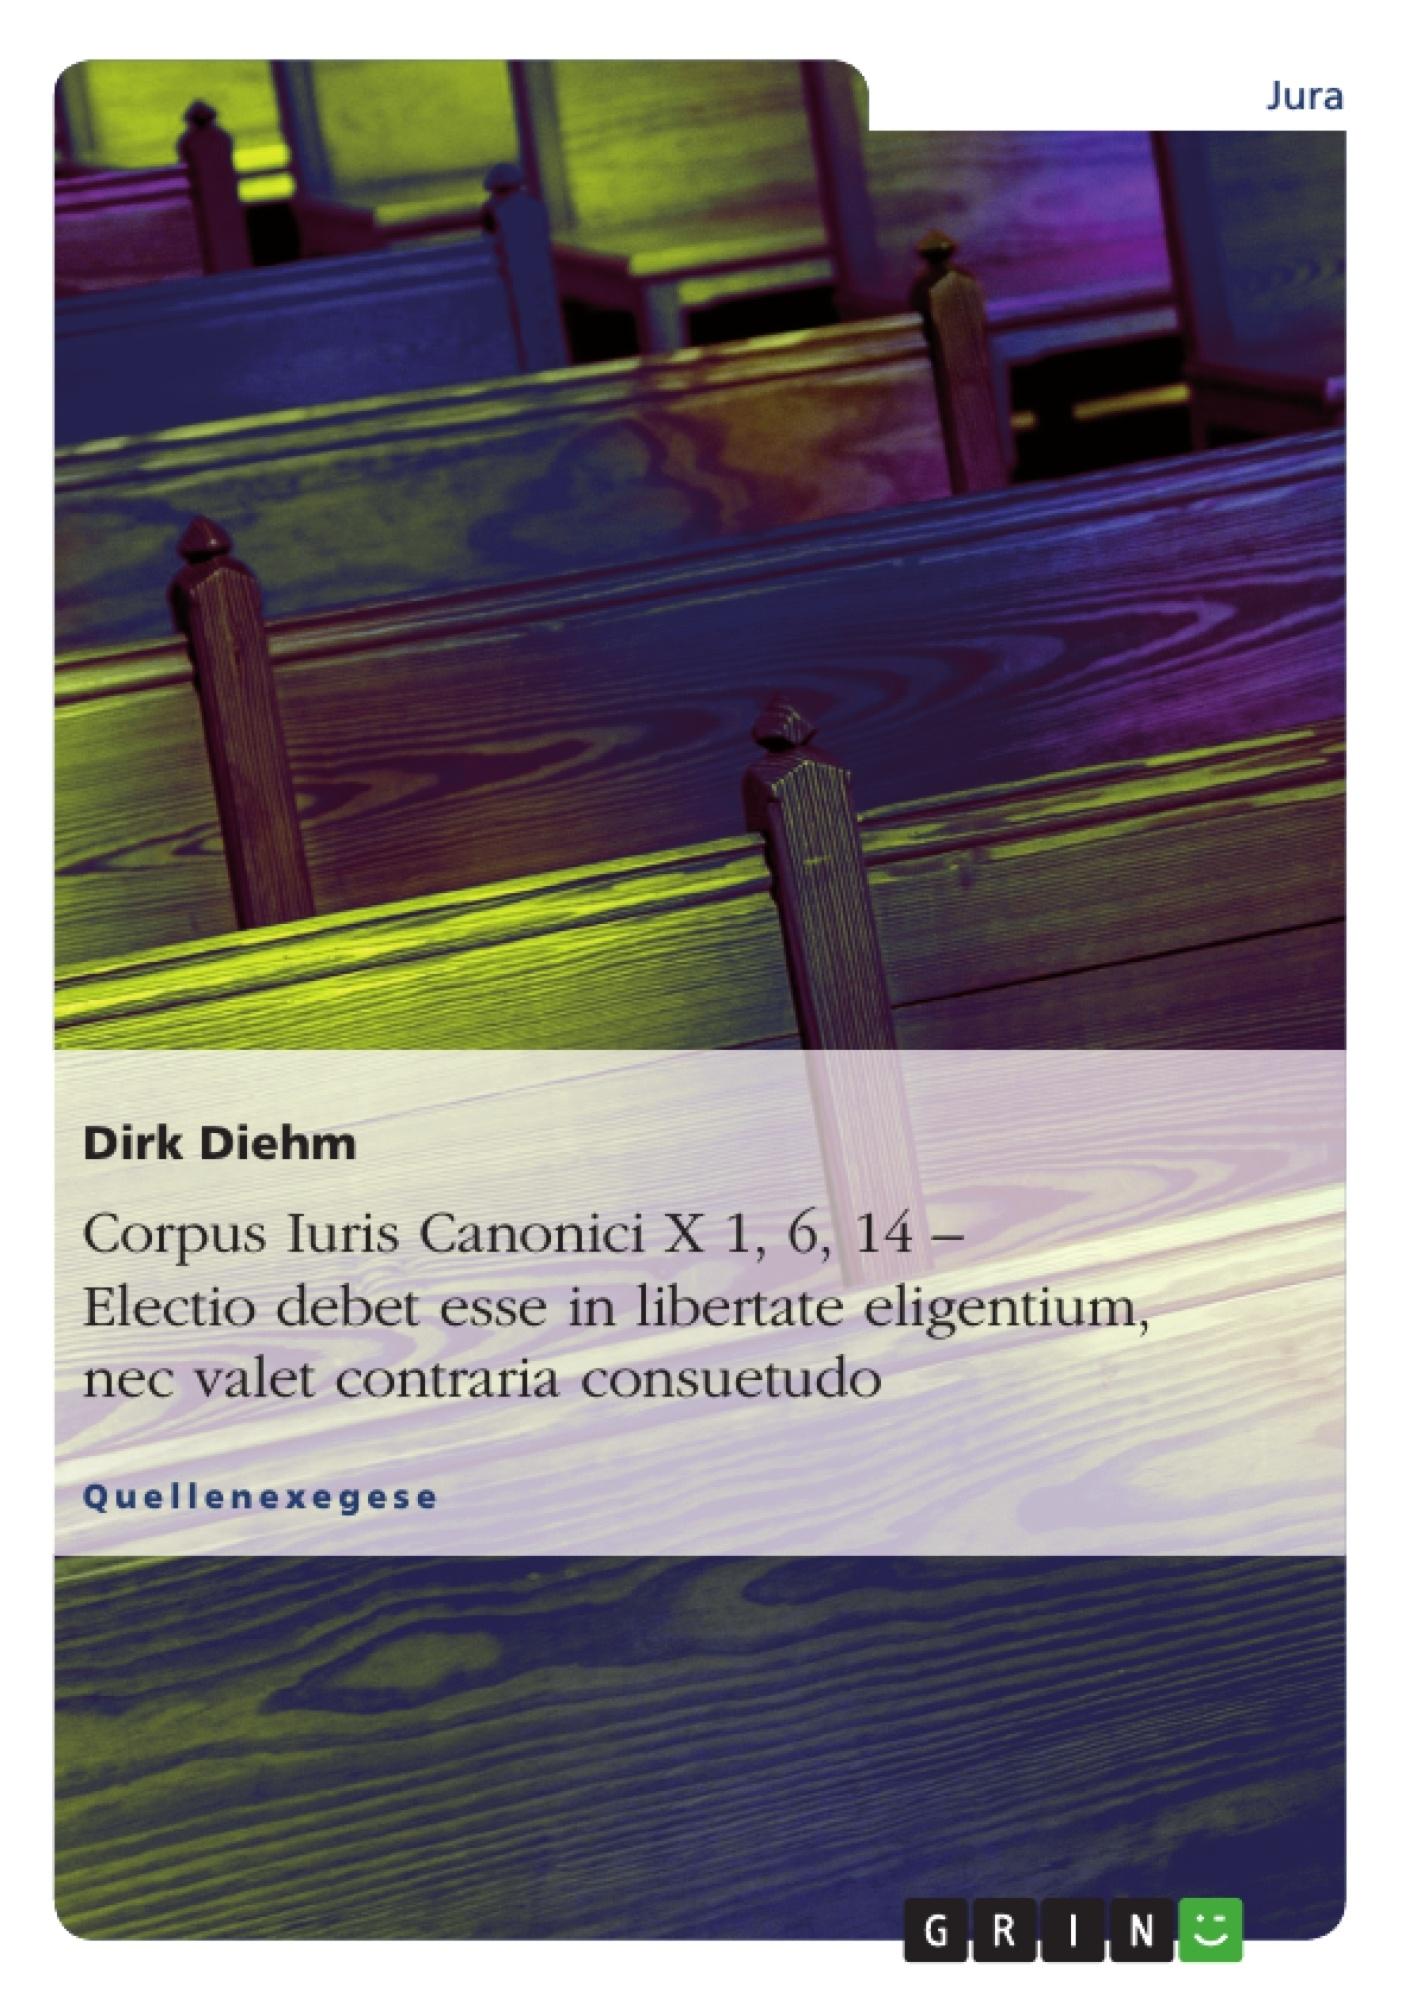 Titel: Corpus Iuris Canonici X 1, 6, 14 – Electio debet esse in libertate eligentium, nec valet contraria consuetudo